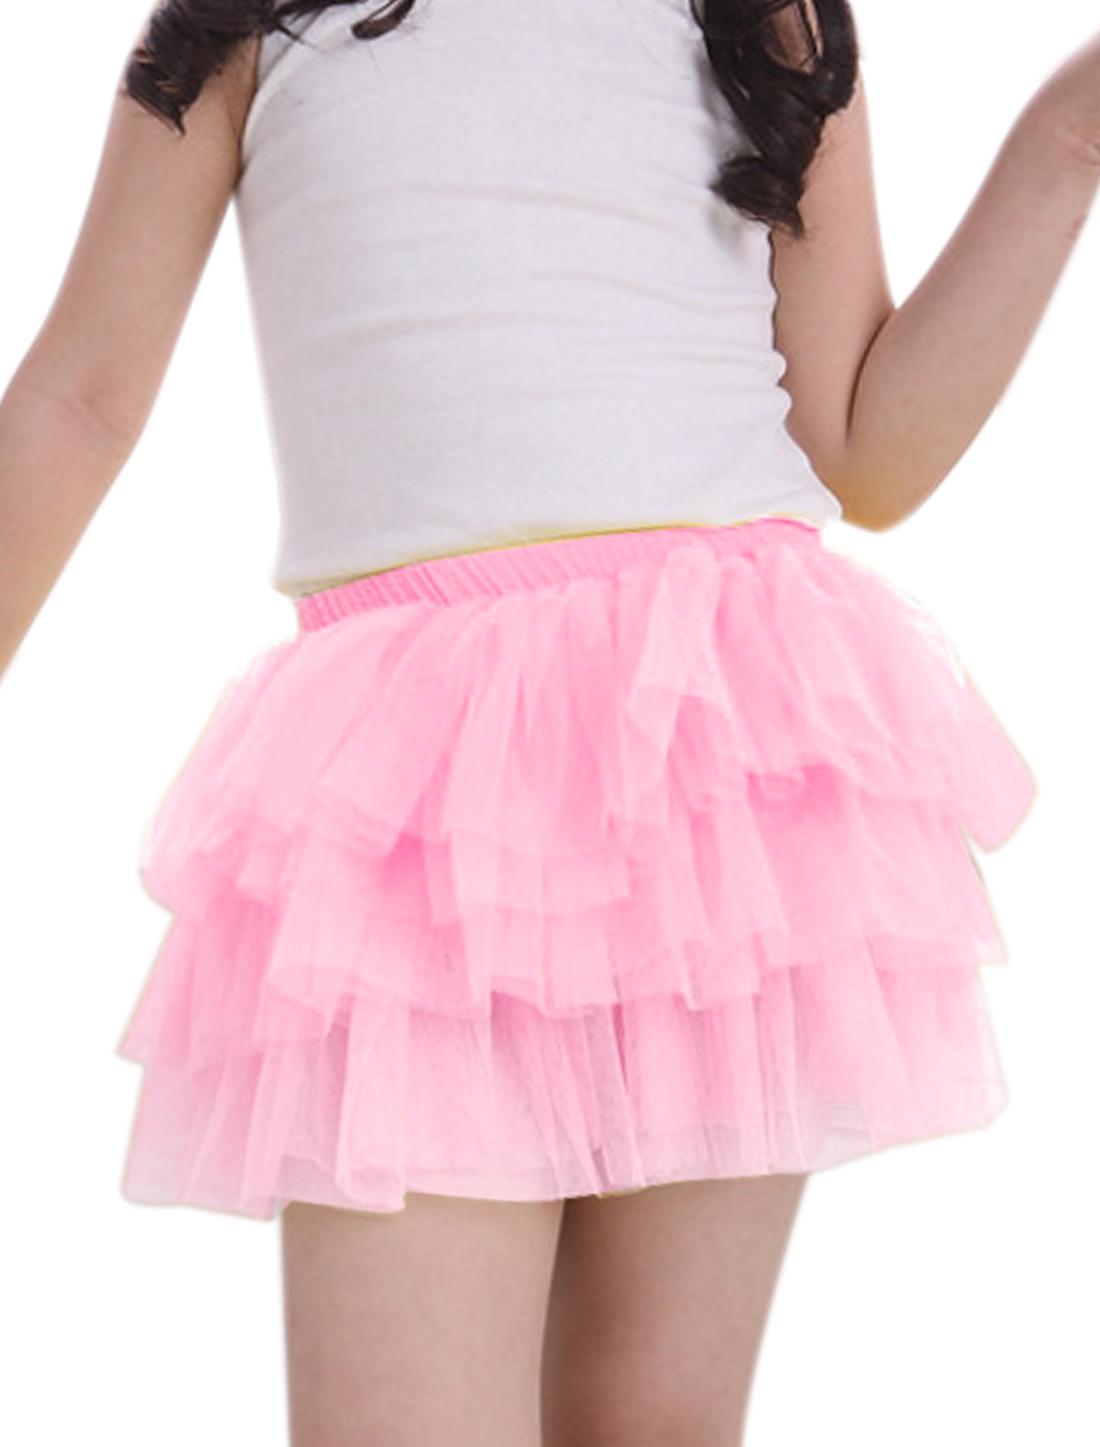 Girls Elastic Waist Mesh Panel Tiered A Line Skirt Pink 2T